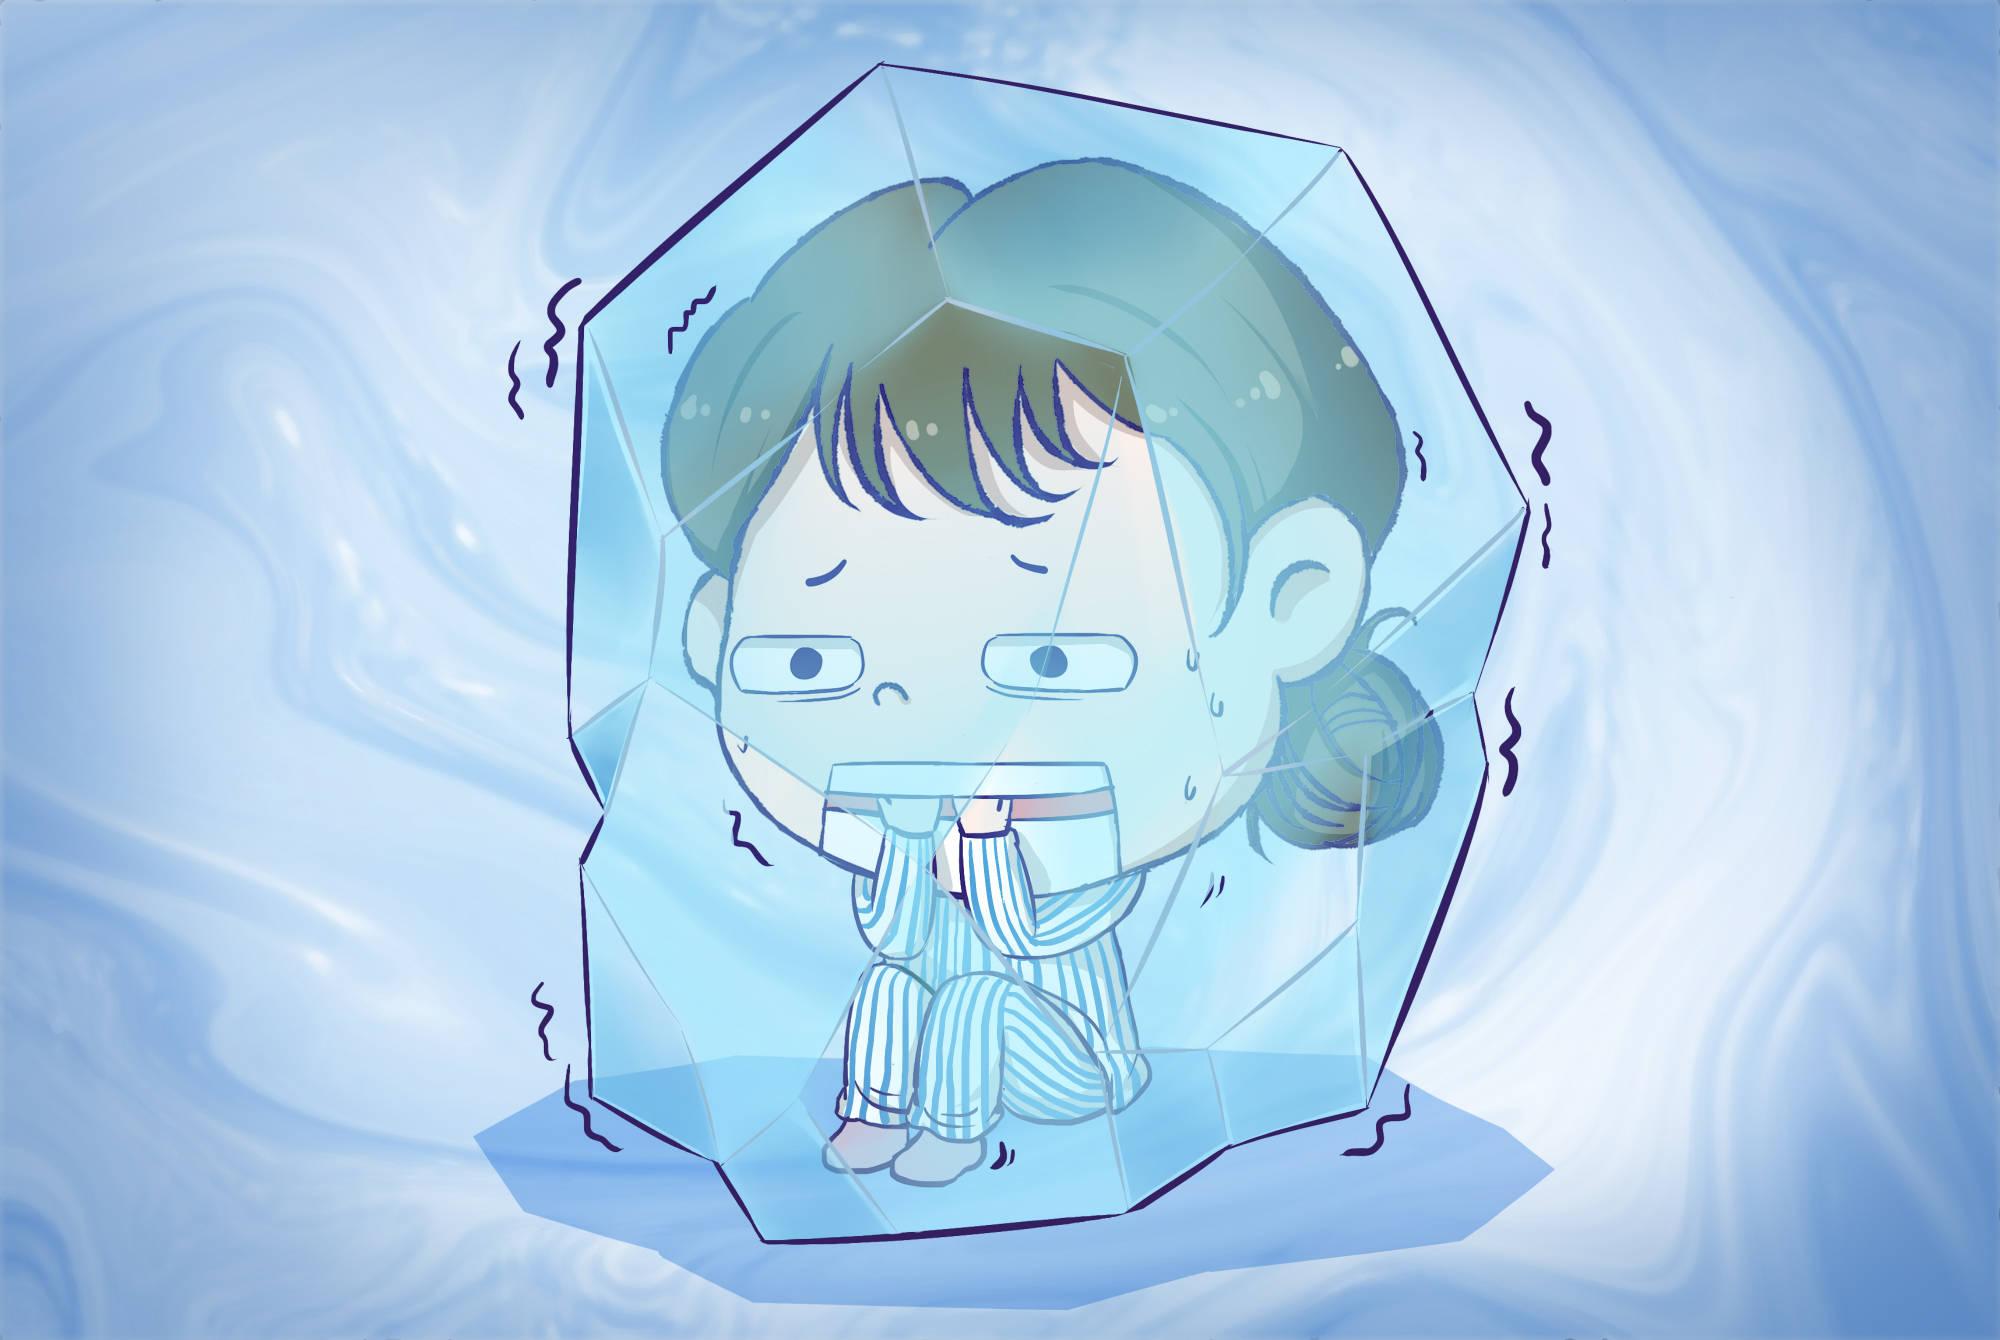 产房分娩时,除了痛感,还有一种感觉很强烈:冷到发抖